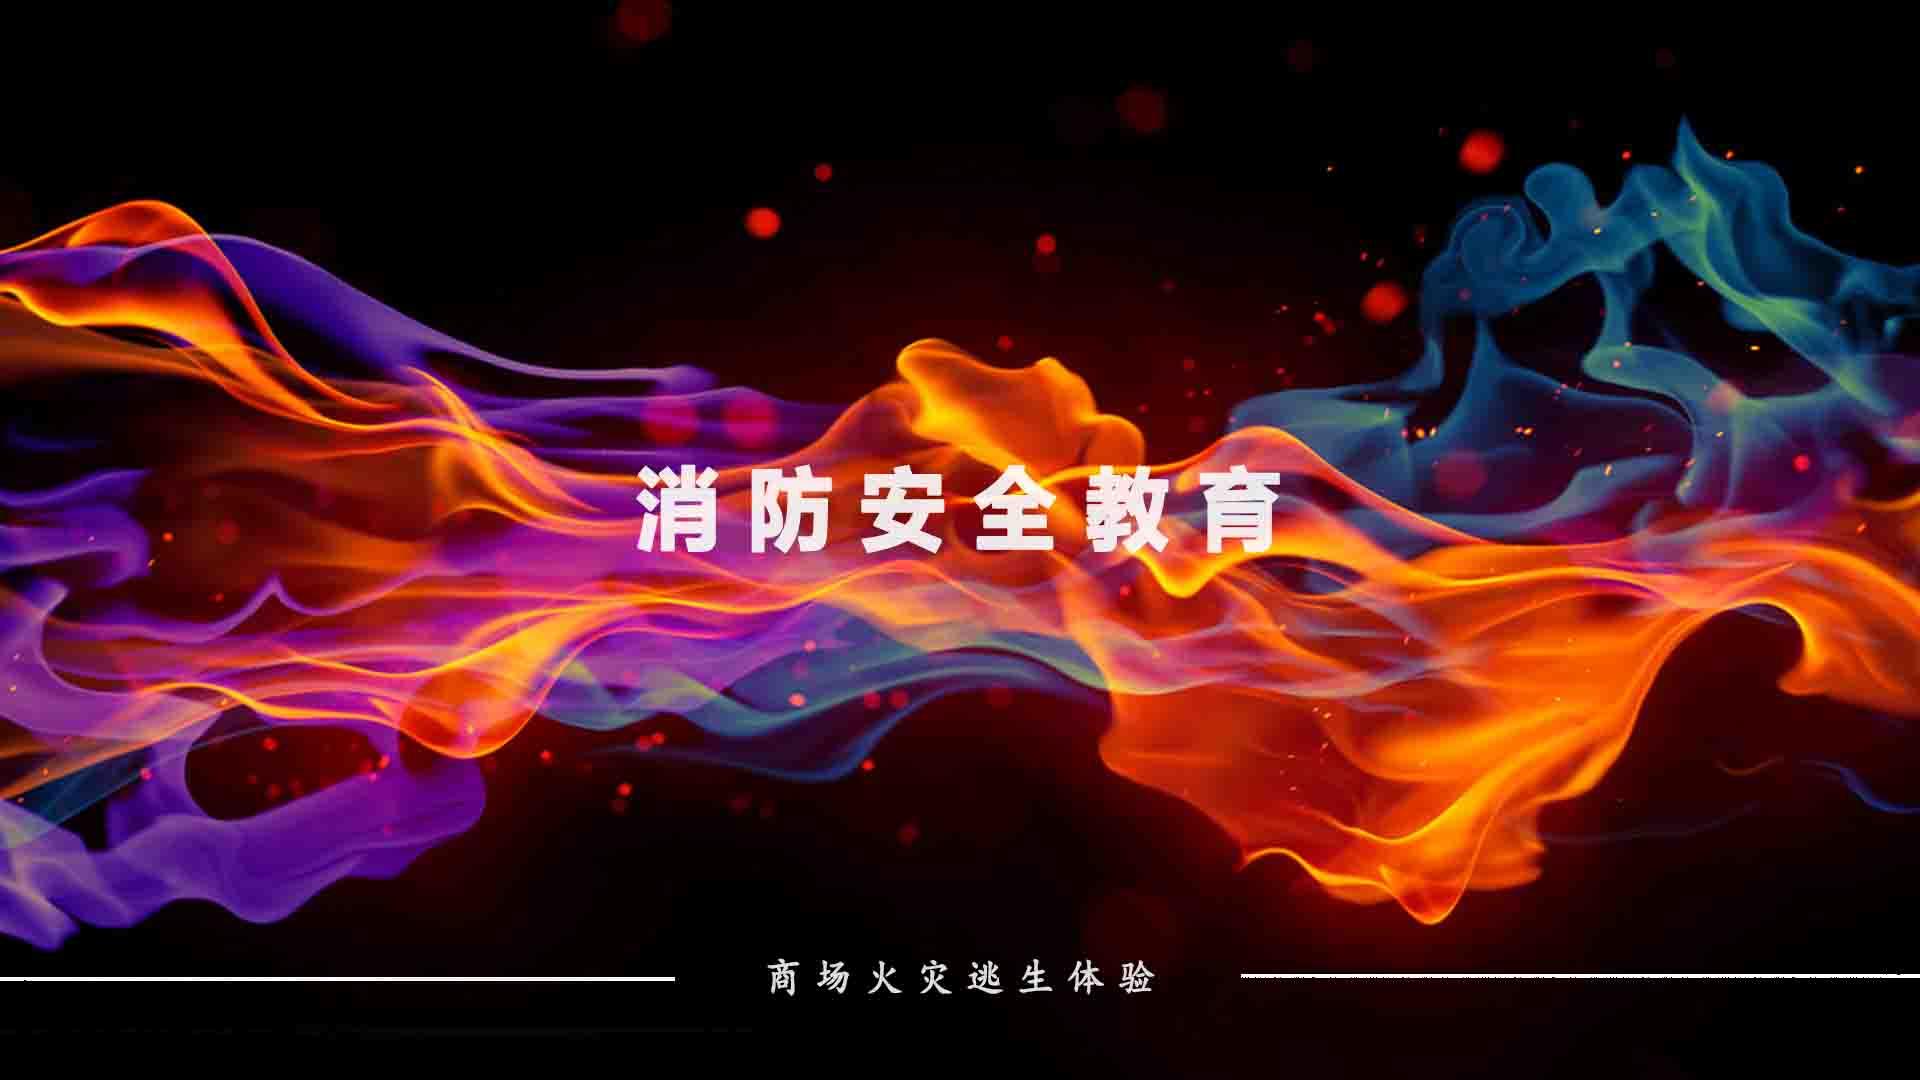 南昌红谷滩万达商场火灾逃生体验-消防安全教育